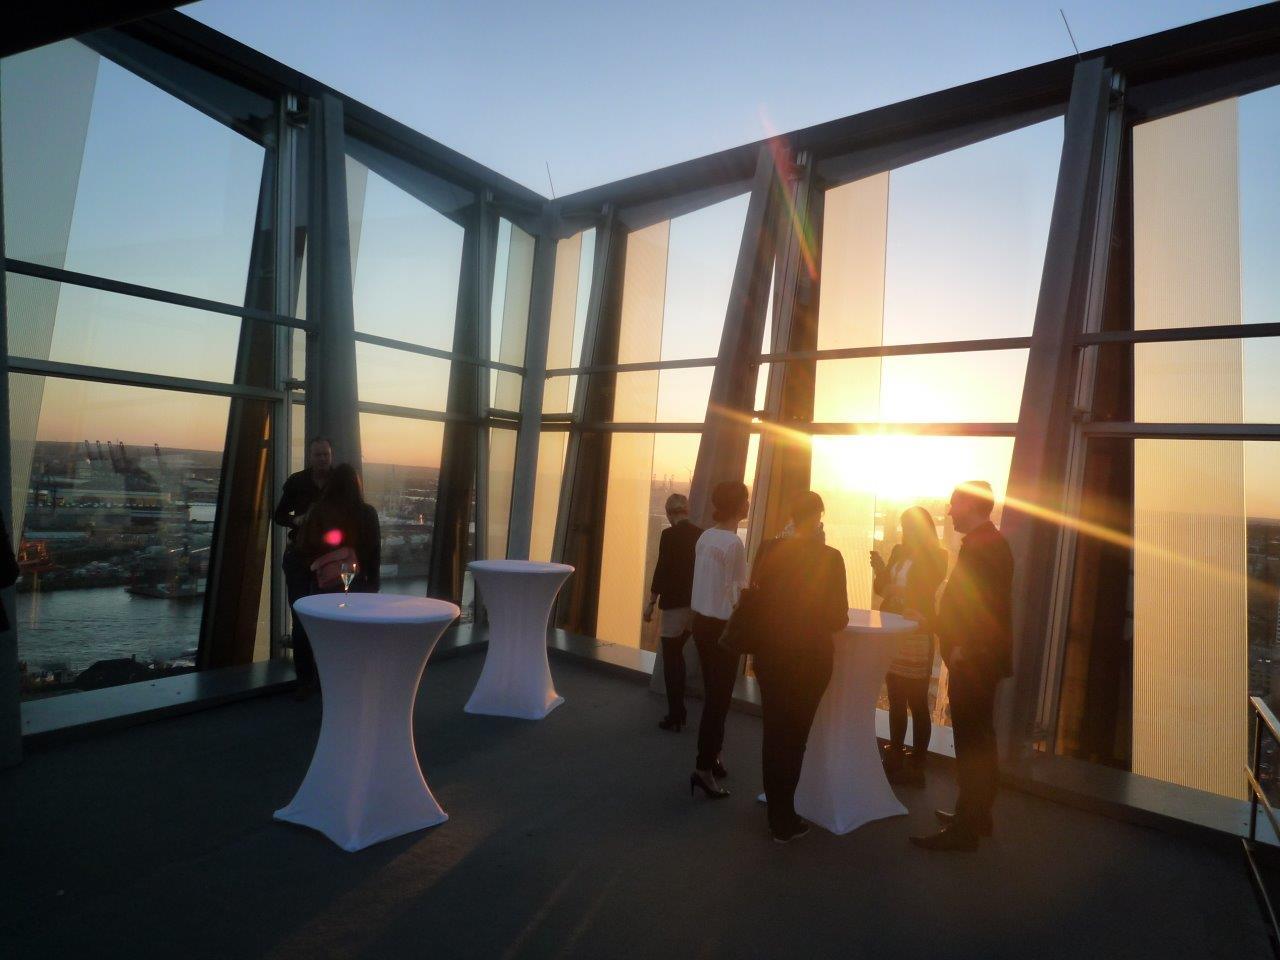 Hamburgs höchstes Restaurant ist eröffnet: Das Clouds in den ...